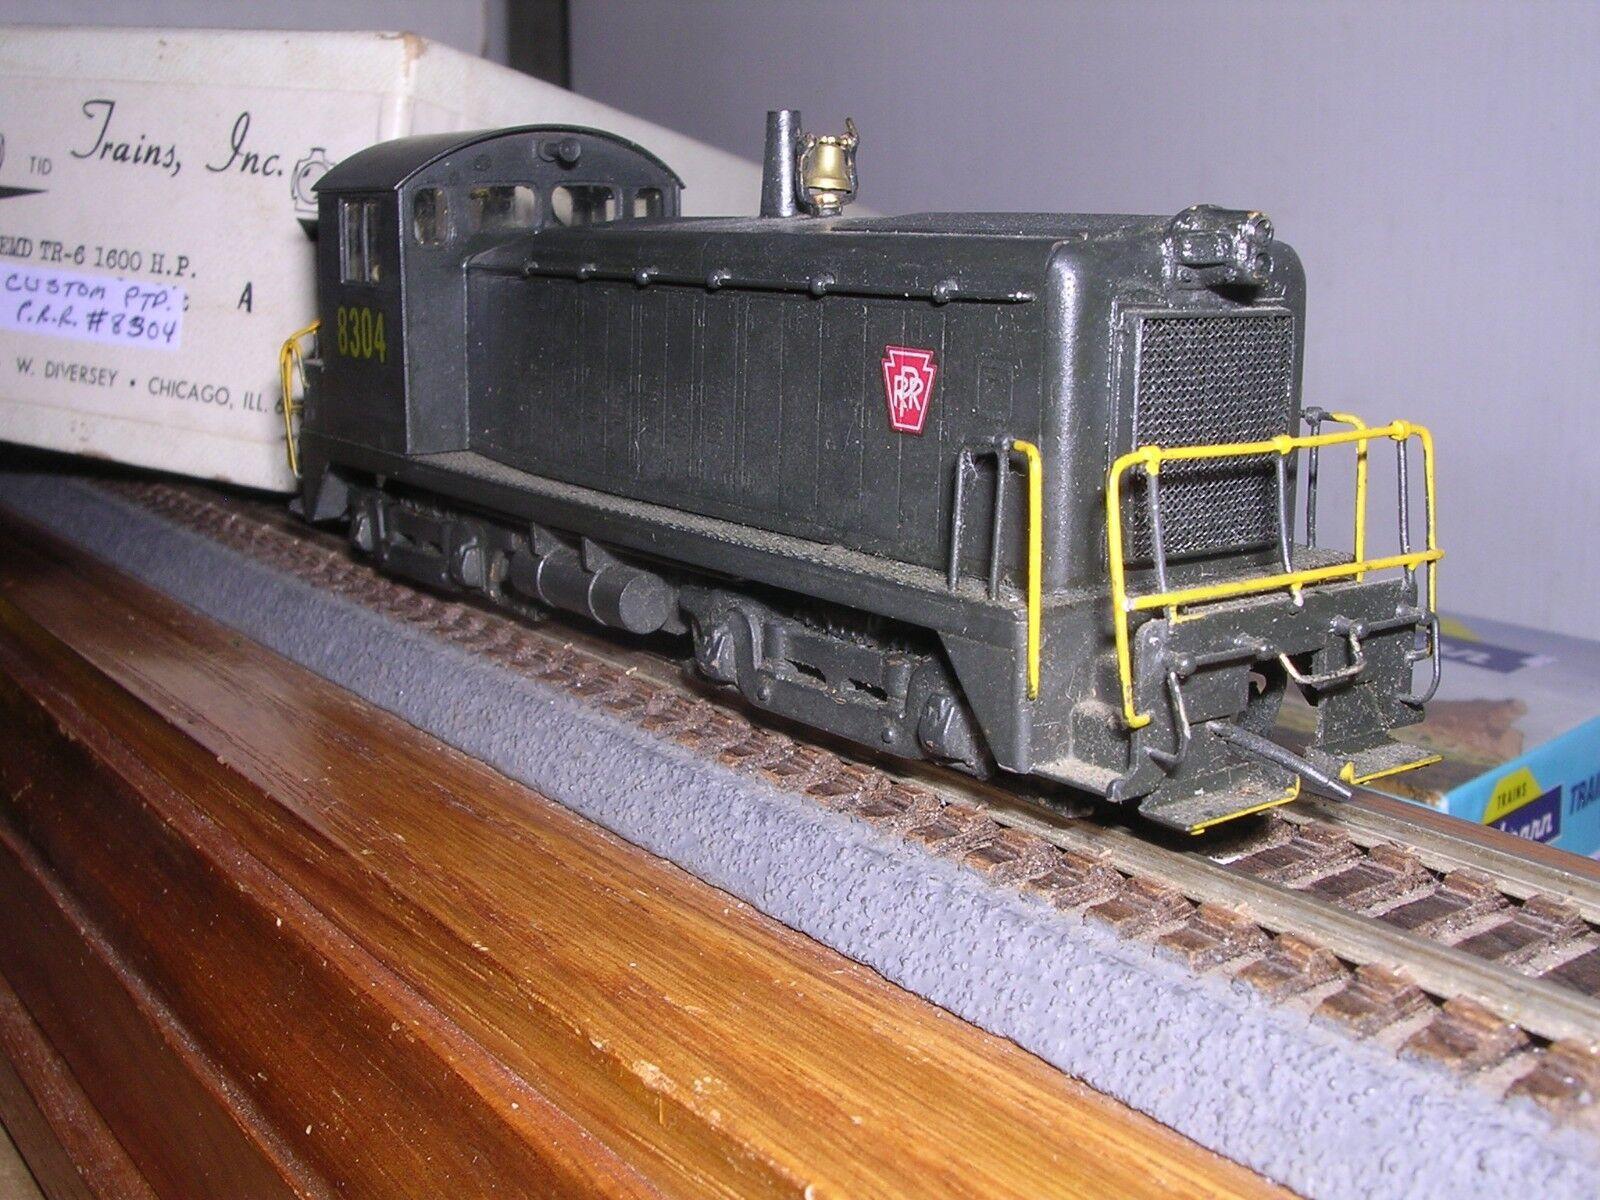 Trenes De Latón Inc P.R.R. EMD TR-6 1600 H.p. Diesel Loco 8304 interior pintado personalizado